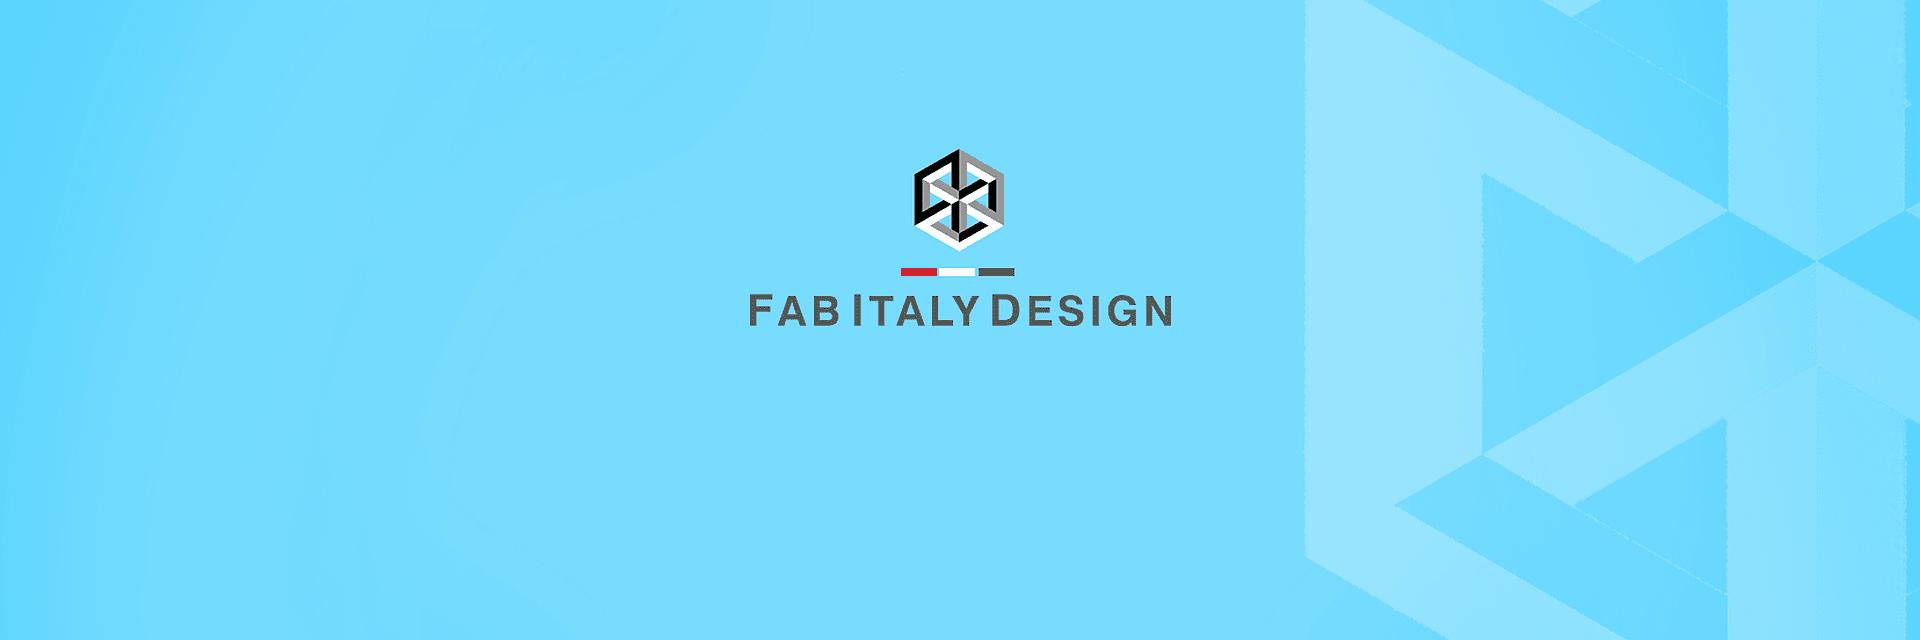 fabitalydesign